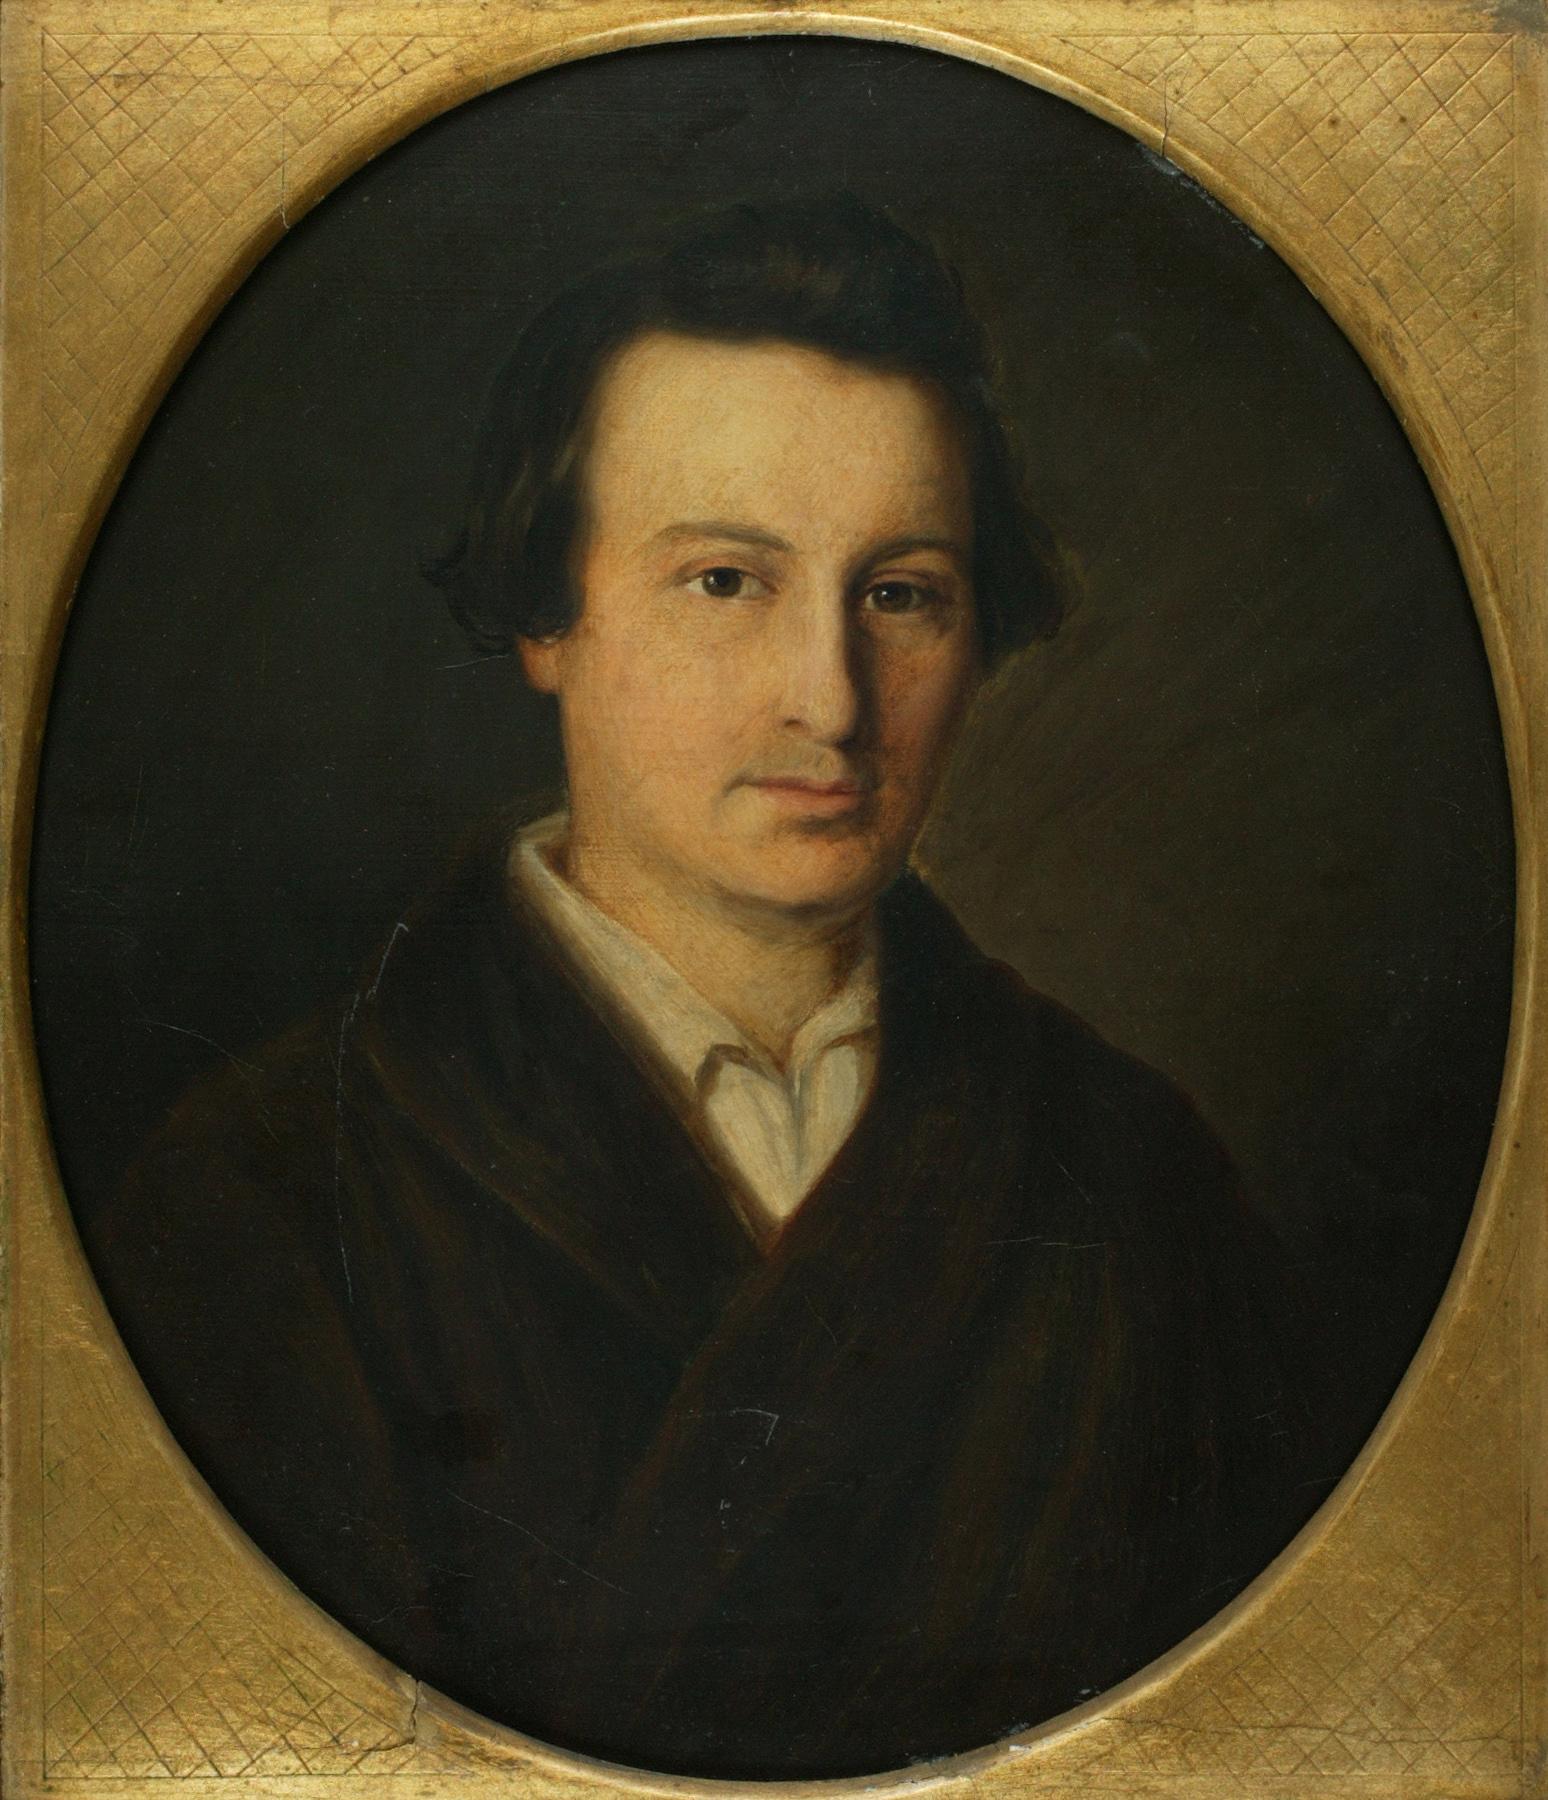 Heinrich Heine portrait